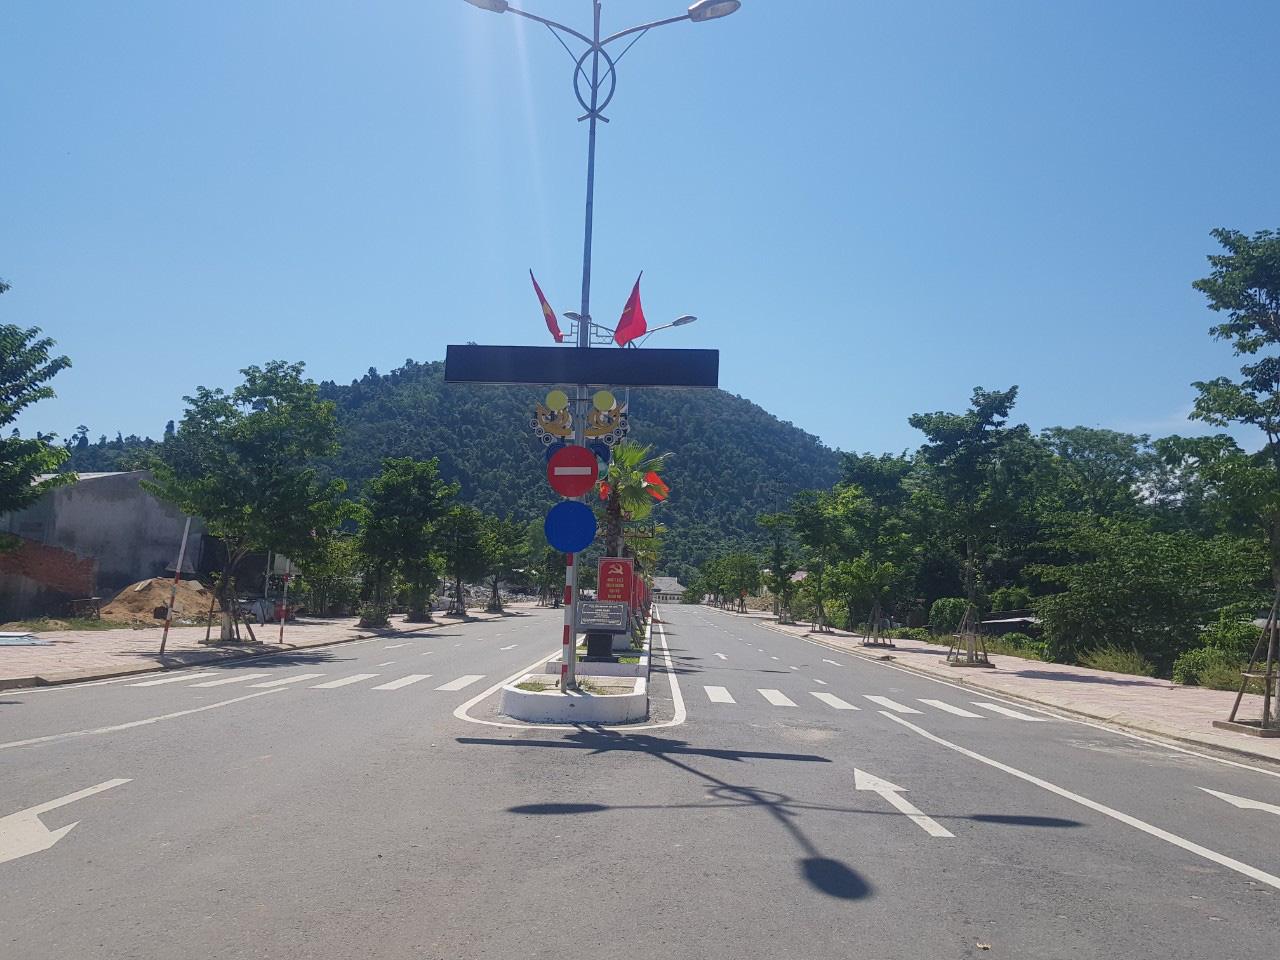 Quảng Nam: Nông thôn mới ở Nam Giang gắn với OCOP giúp khu vực miền núi đổi thay - Ảnh 3.